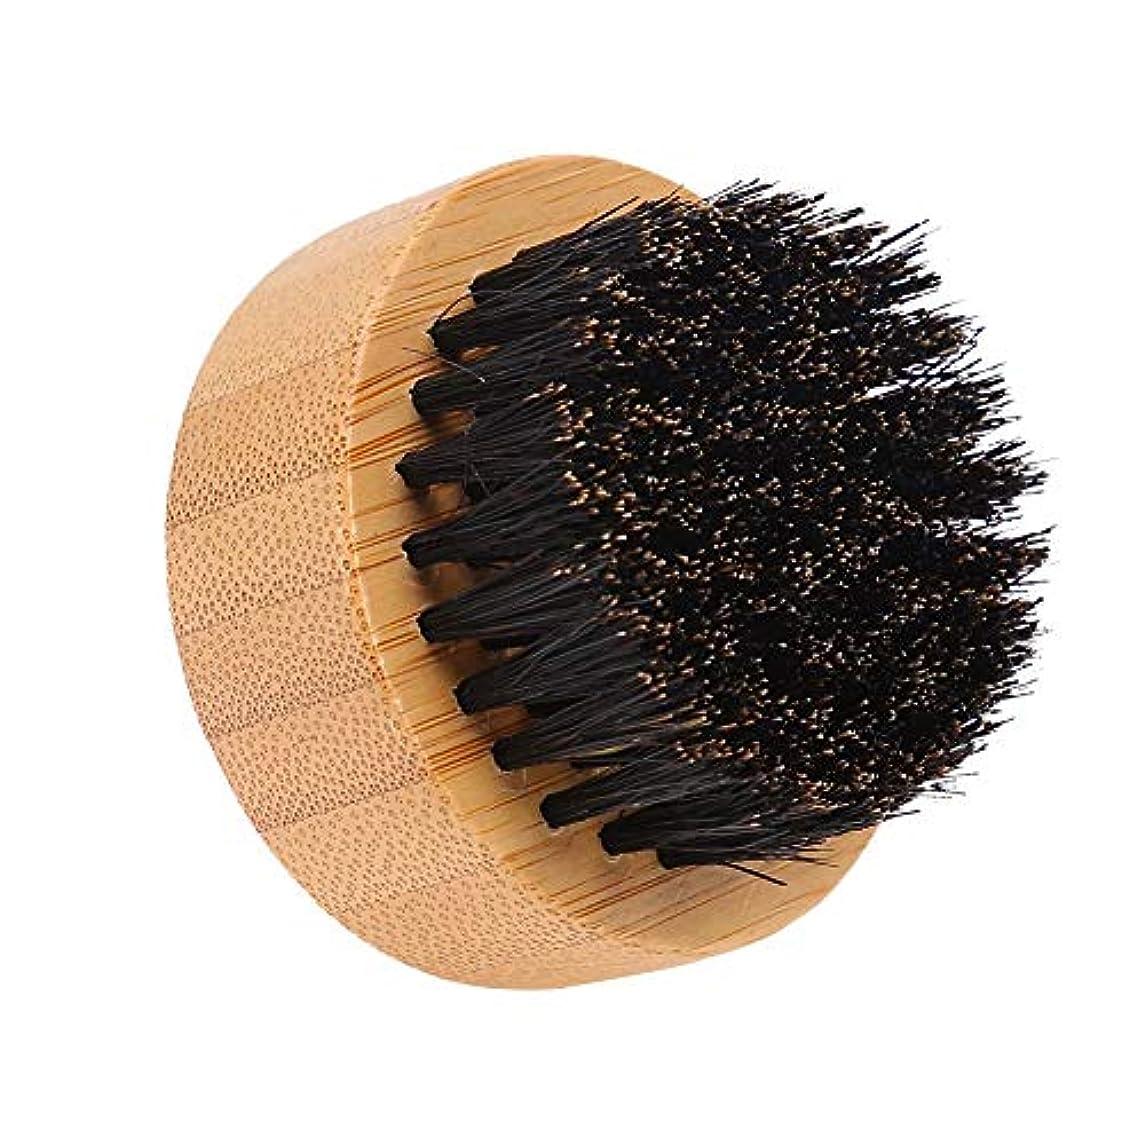 立法理容師上向きYuyte男性口ひげスタイリング思いやりのあるイノシシ髪髭ブラシラウンドフェイシャルヘアコーム